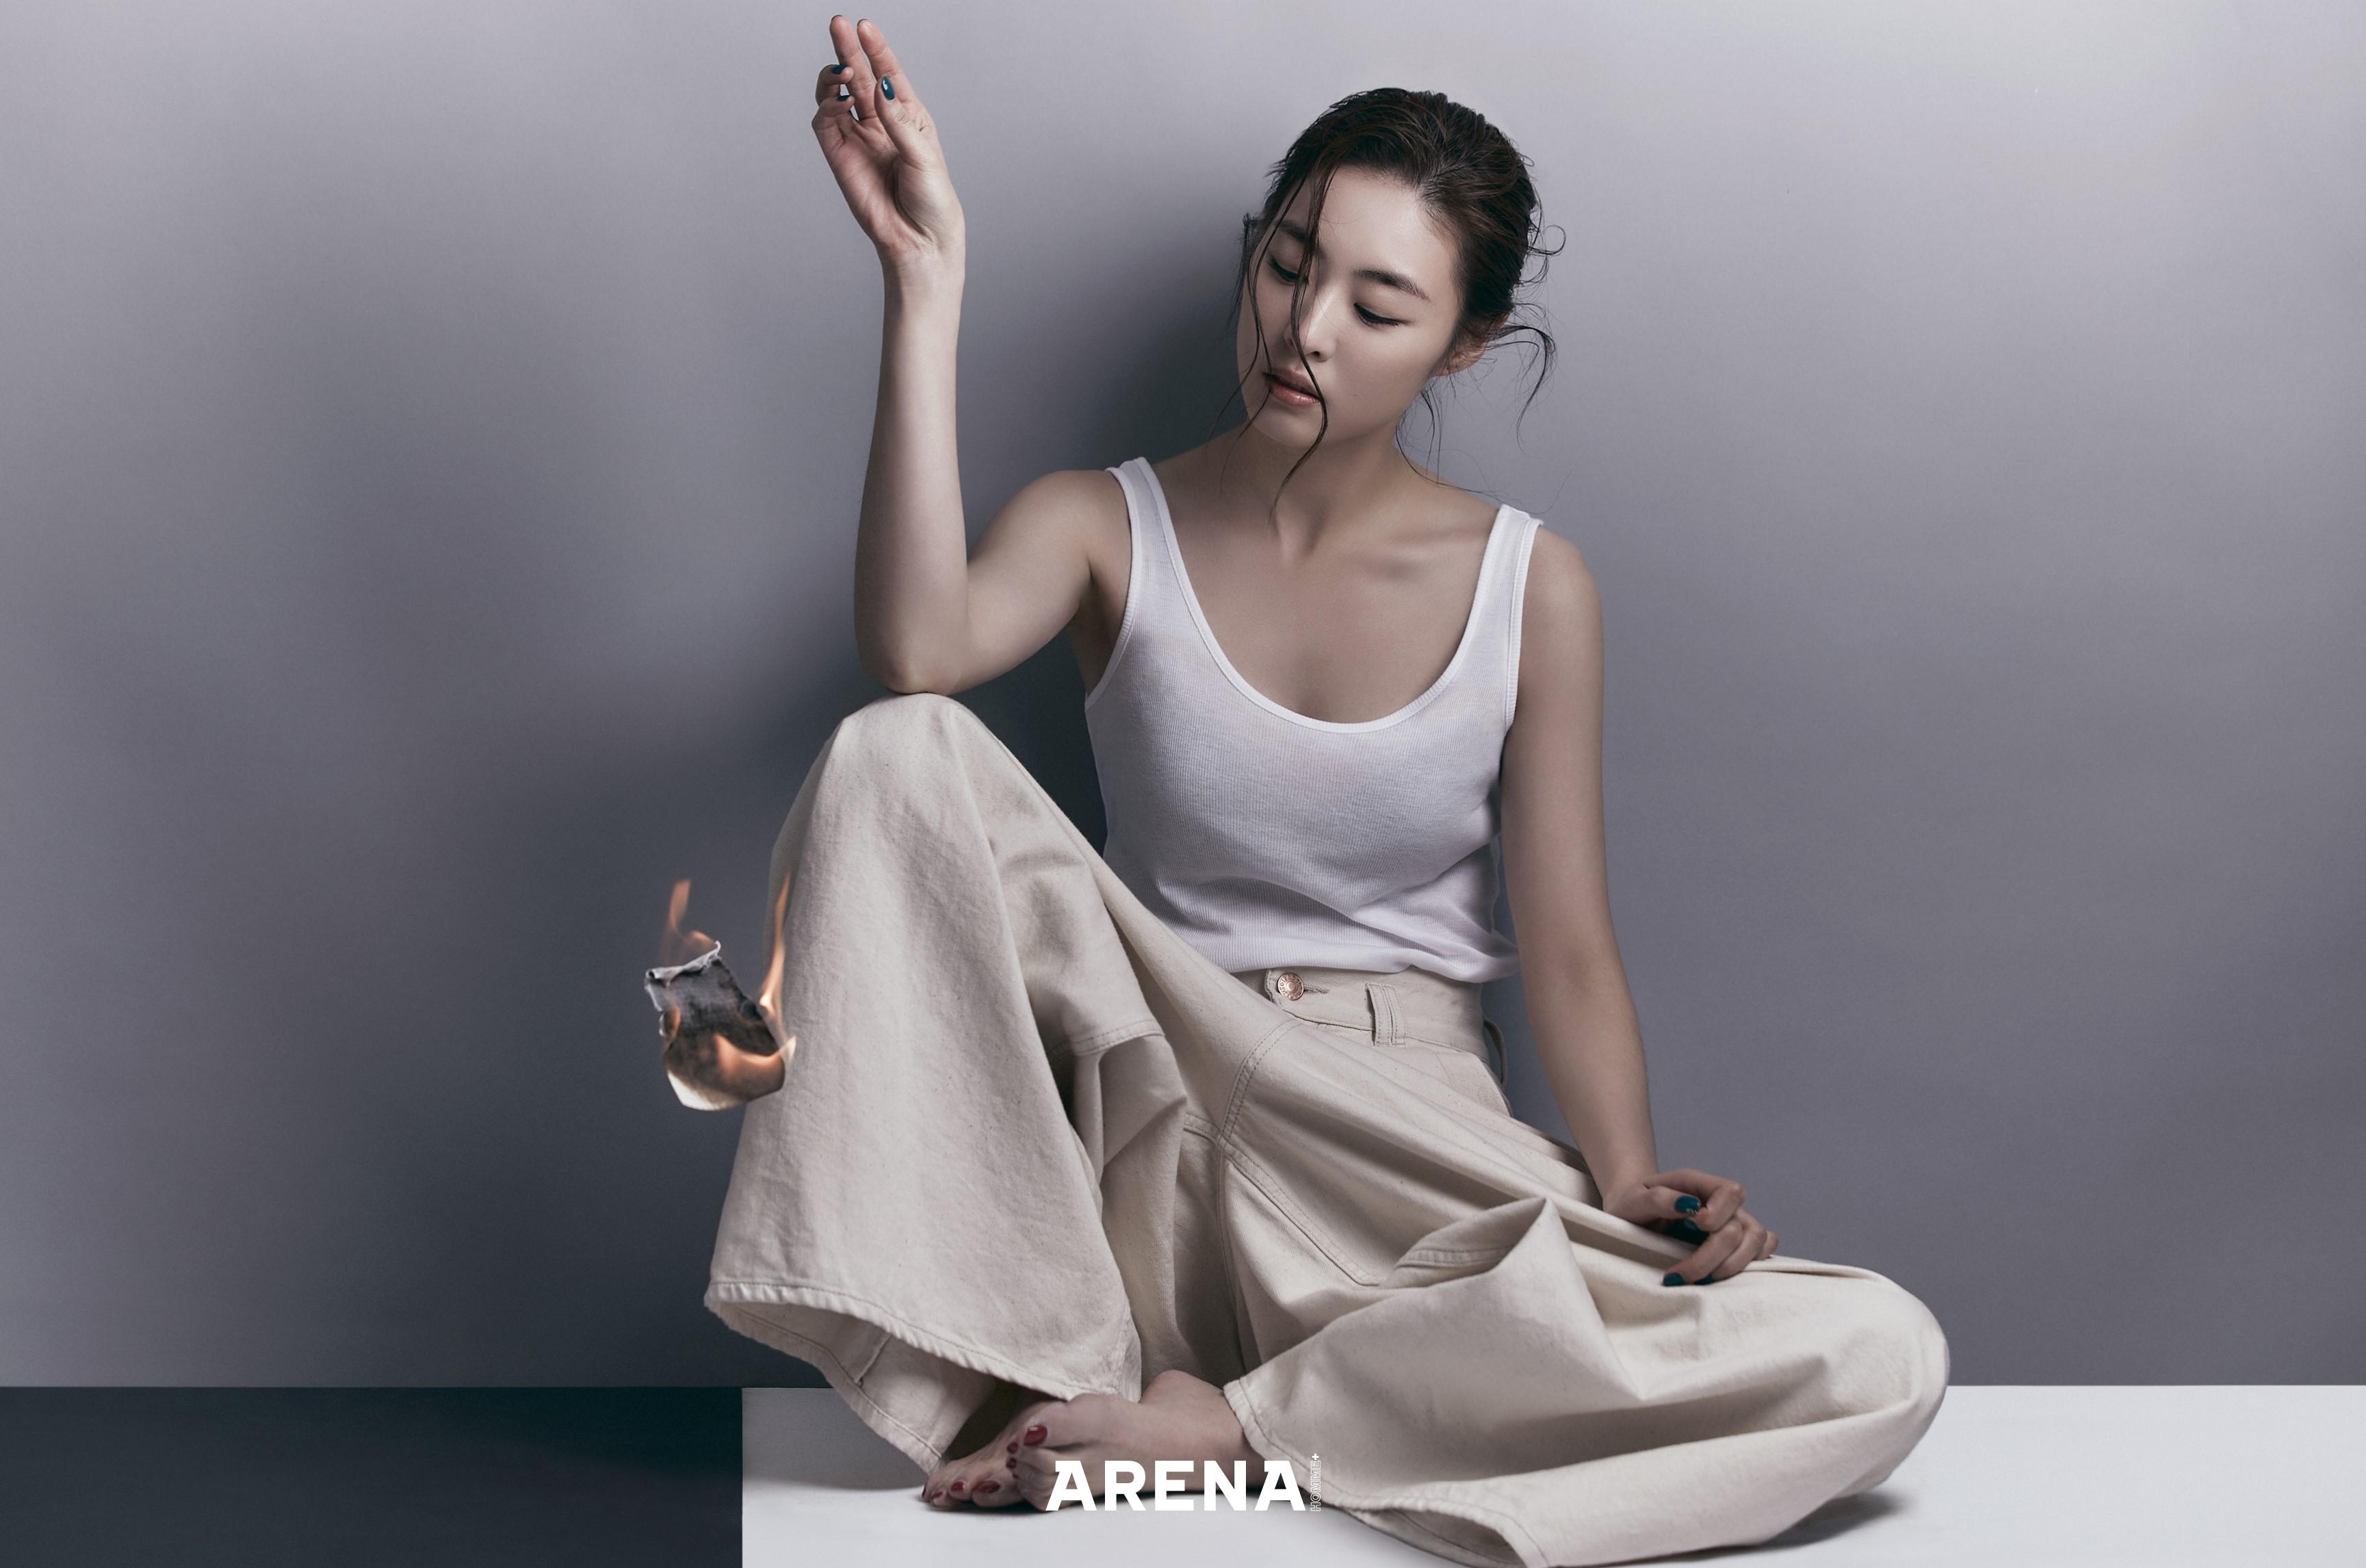 """이연희 """"새 소속사로 이적, 학교 졸업하는 기분이었다"""" (화보)"""